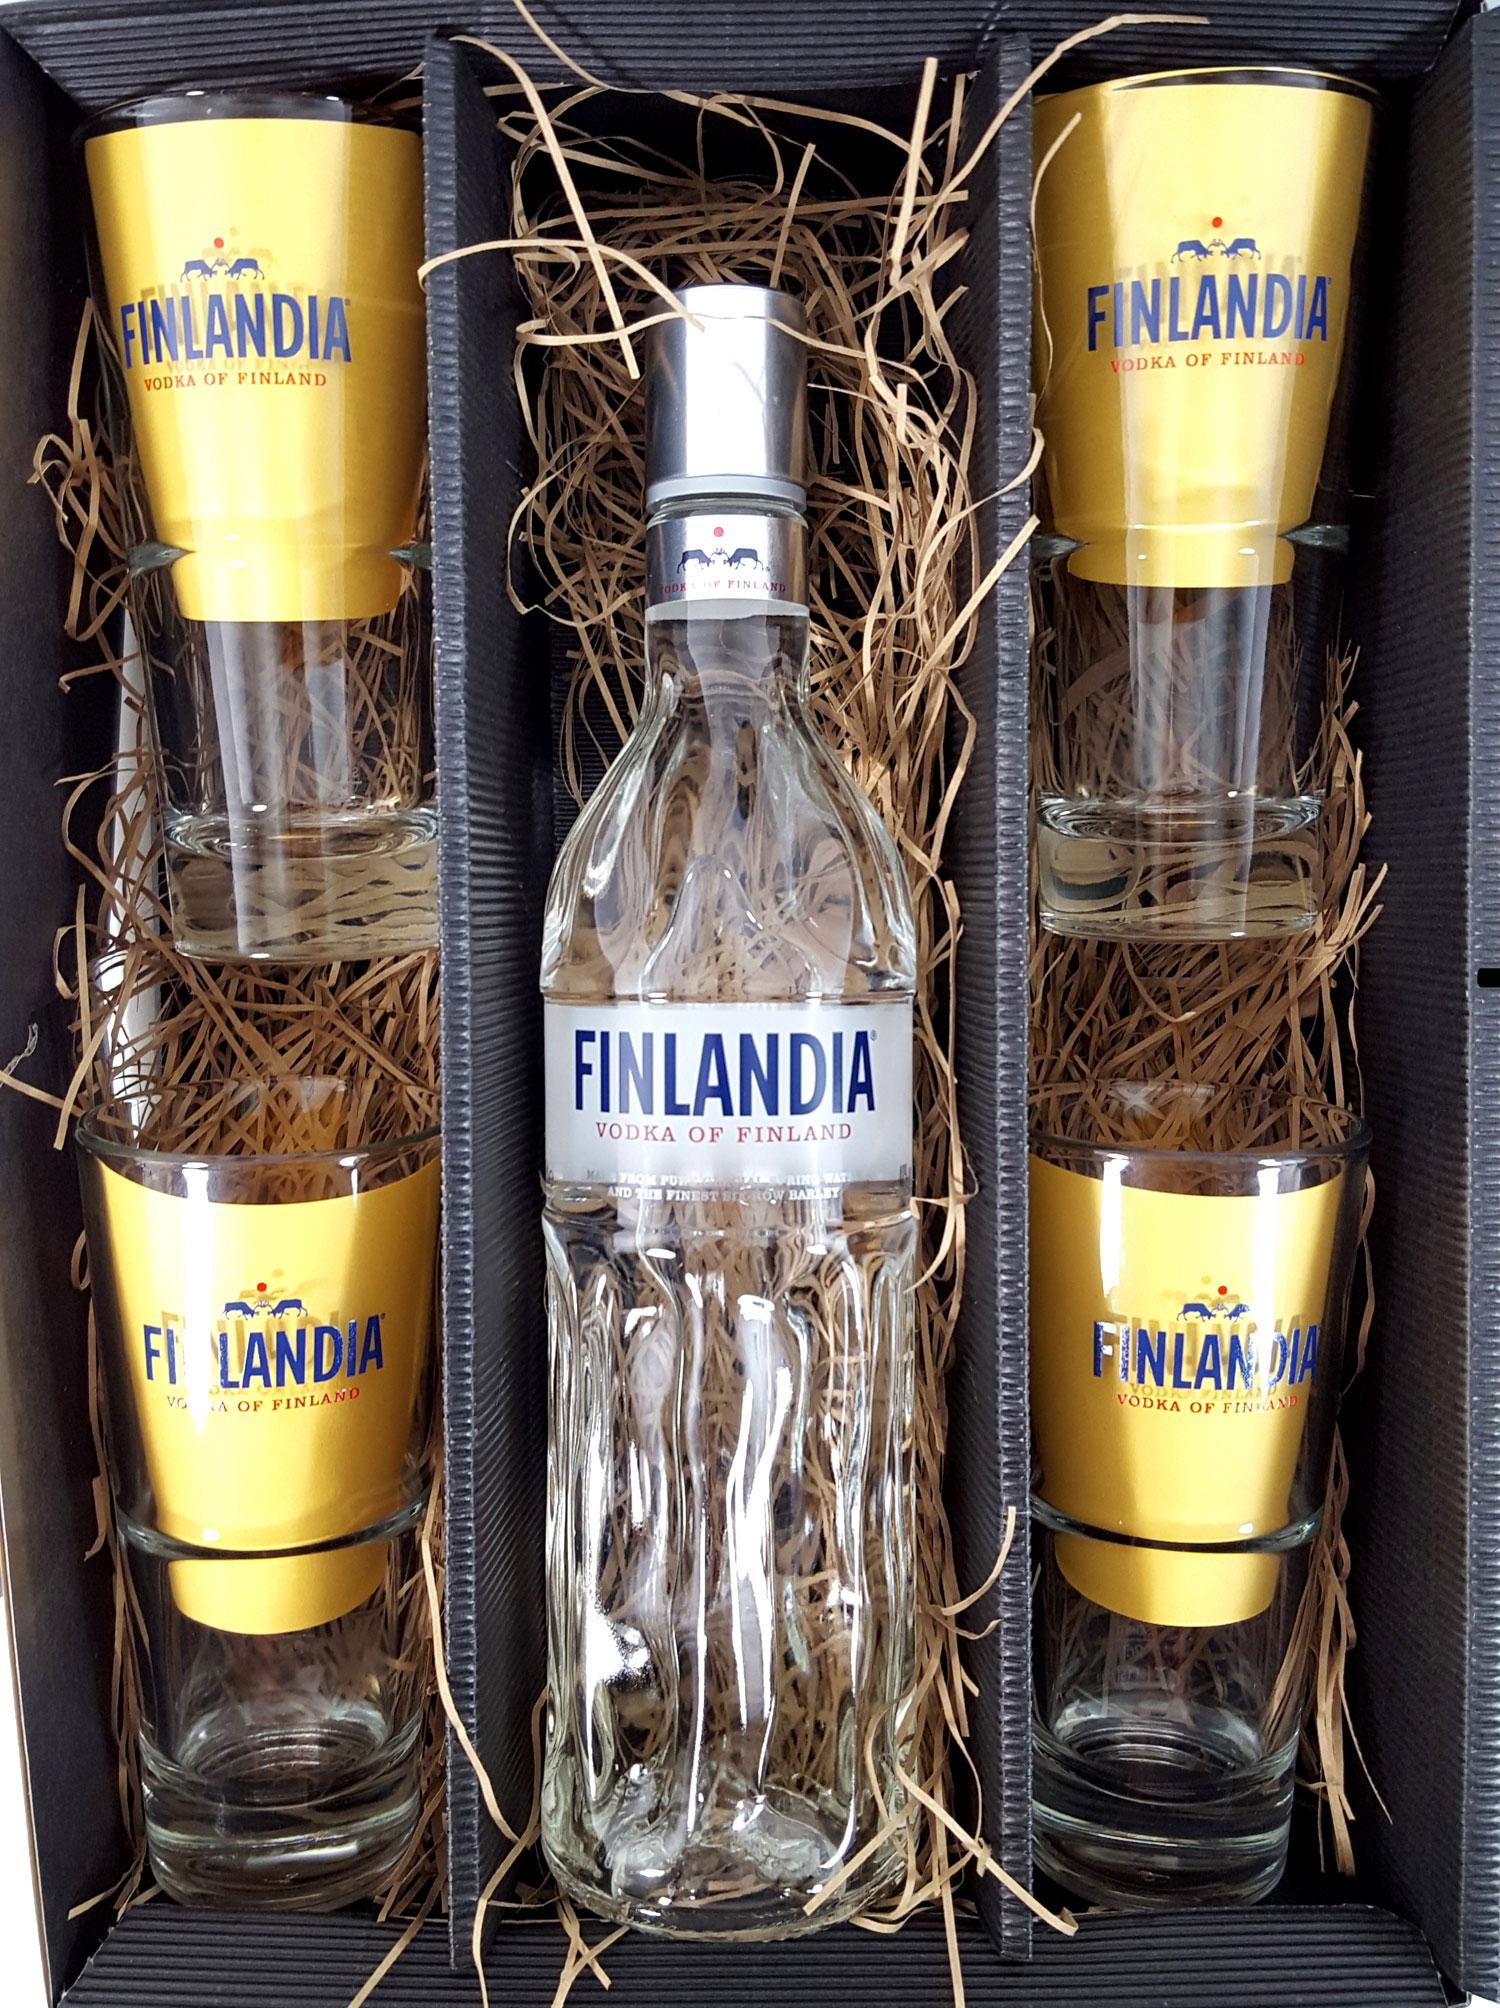 Finlandia Set / Geschenkset - Finlandia Vodka of Finland 1L (40% Vol) + 4x Gläser 2/4cl geeicht